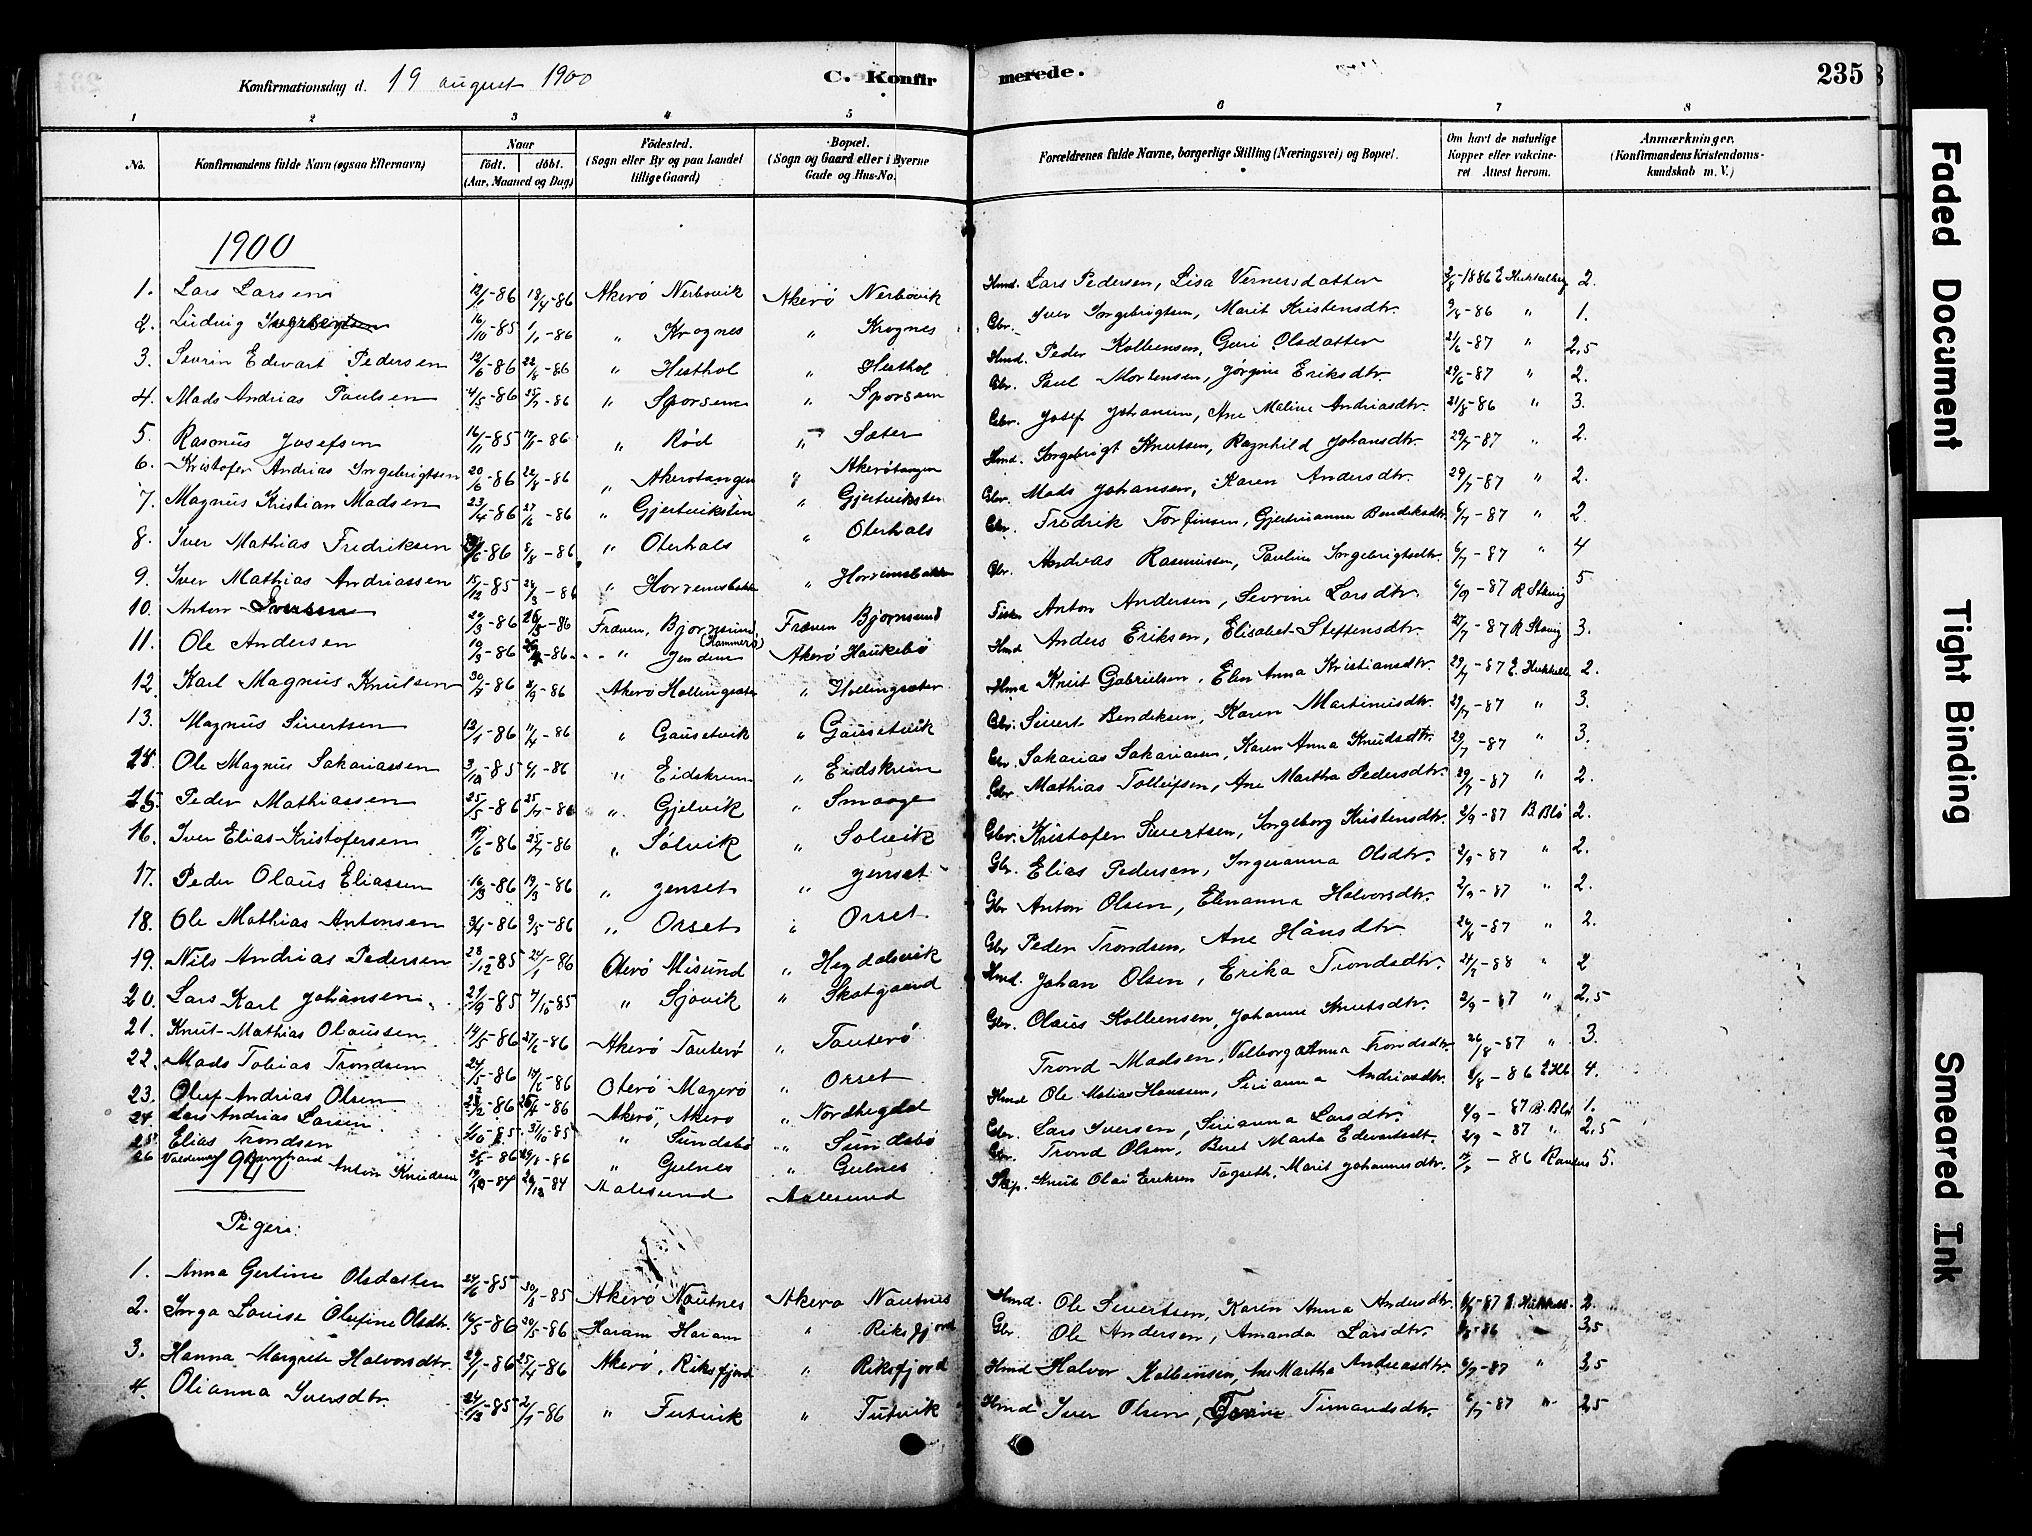 SAT, Ministerialprotokoller, klokkerbøker og fødselsregistre - Møre og Romsdal, 560/L0721: Ministerialbok nr. 560A05, 1878-1917, s. 235